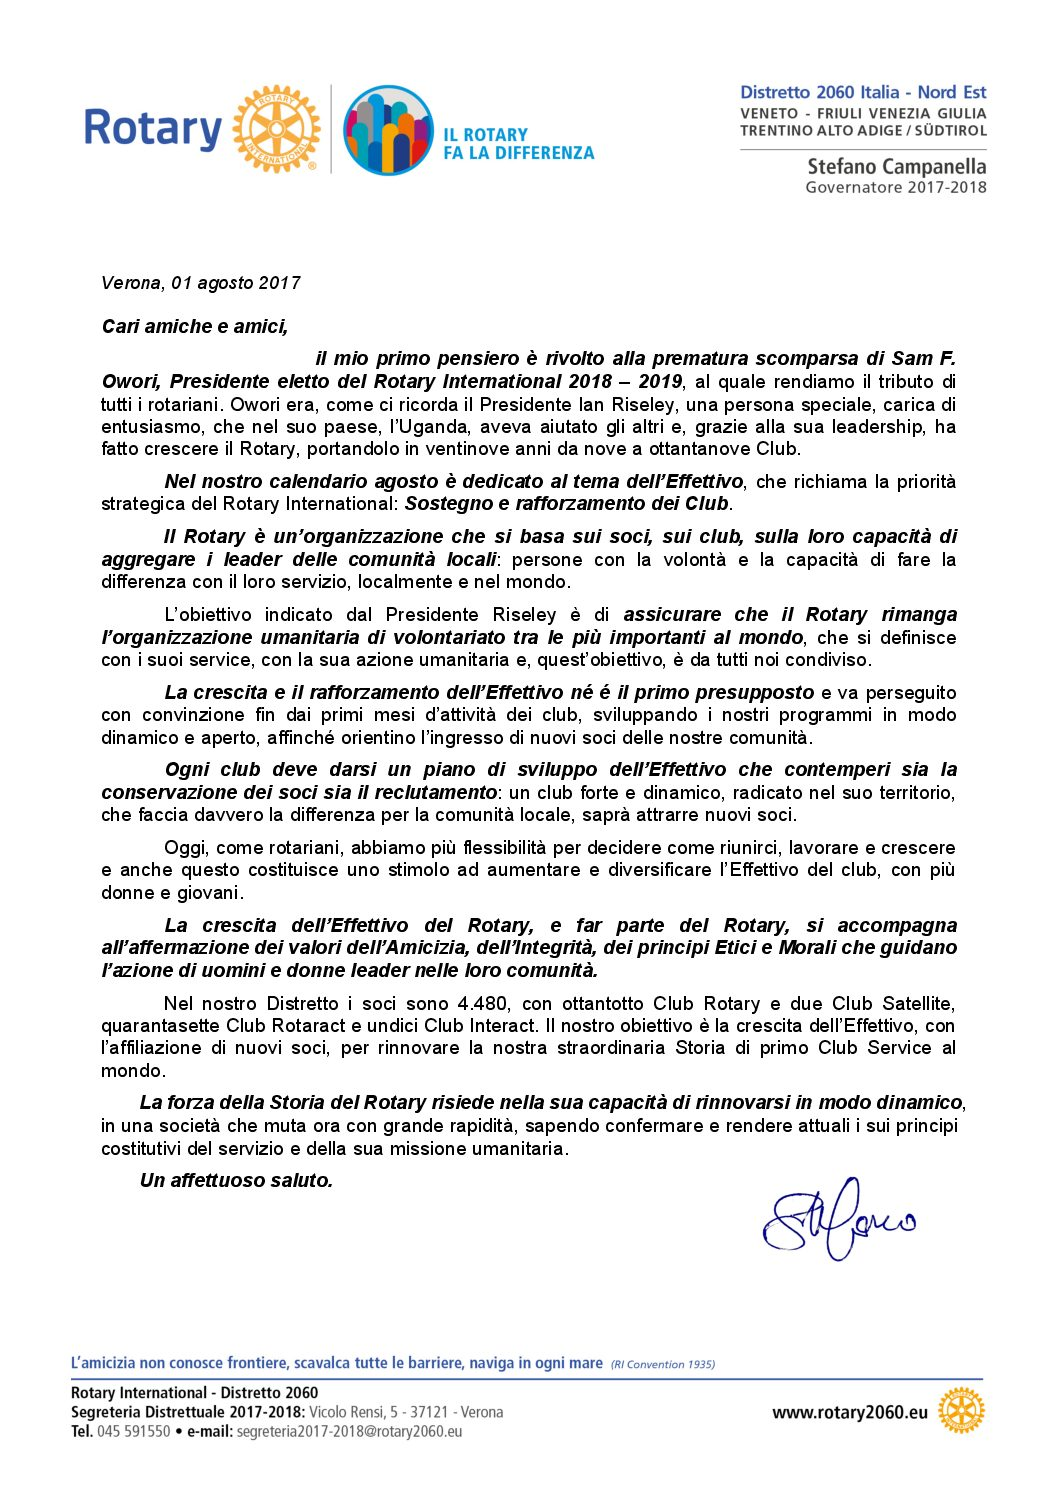 Lettere del Mese del Governatore - Agosto 2017